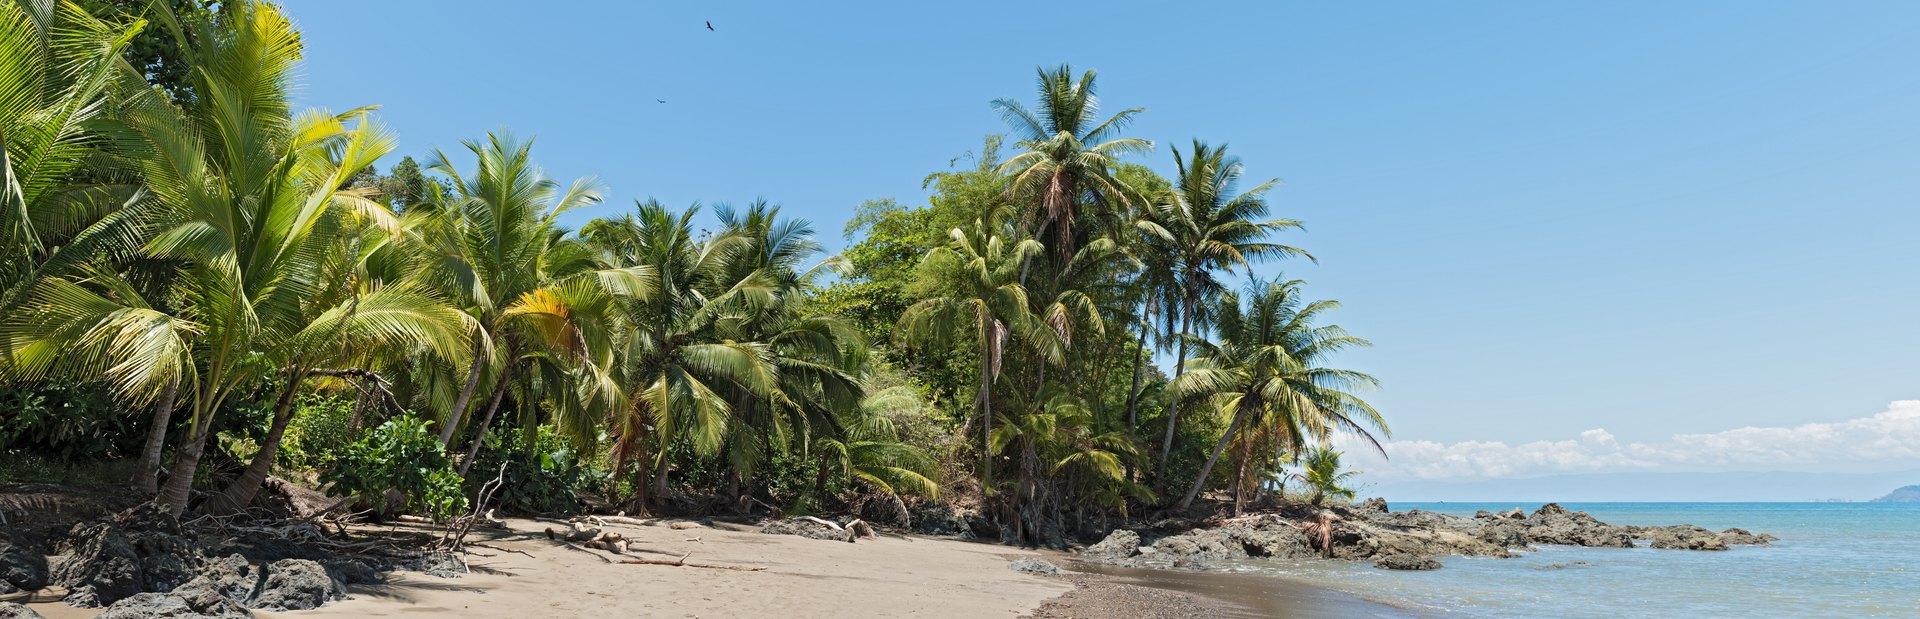 Drake Bay (Bahía Drake) Image 1